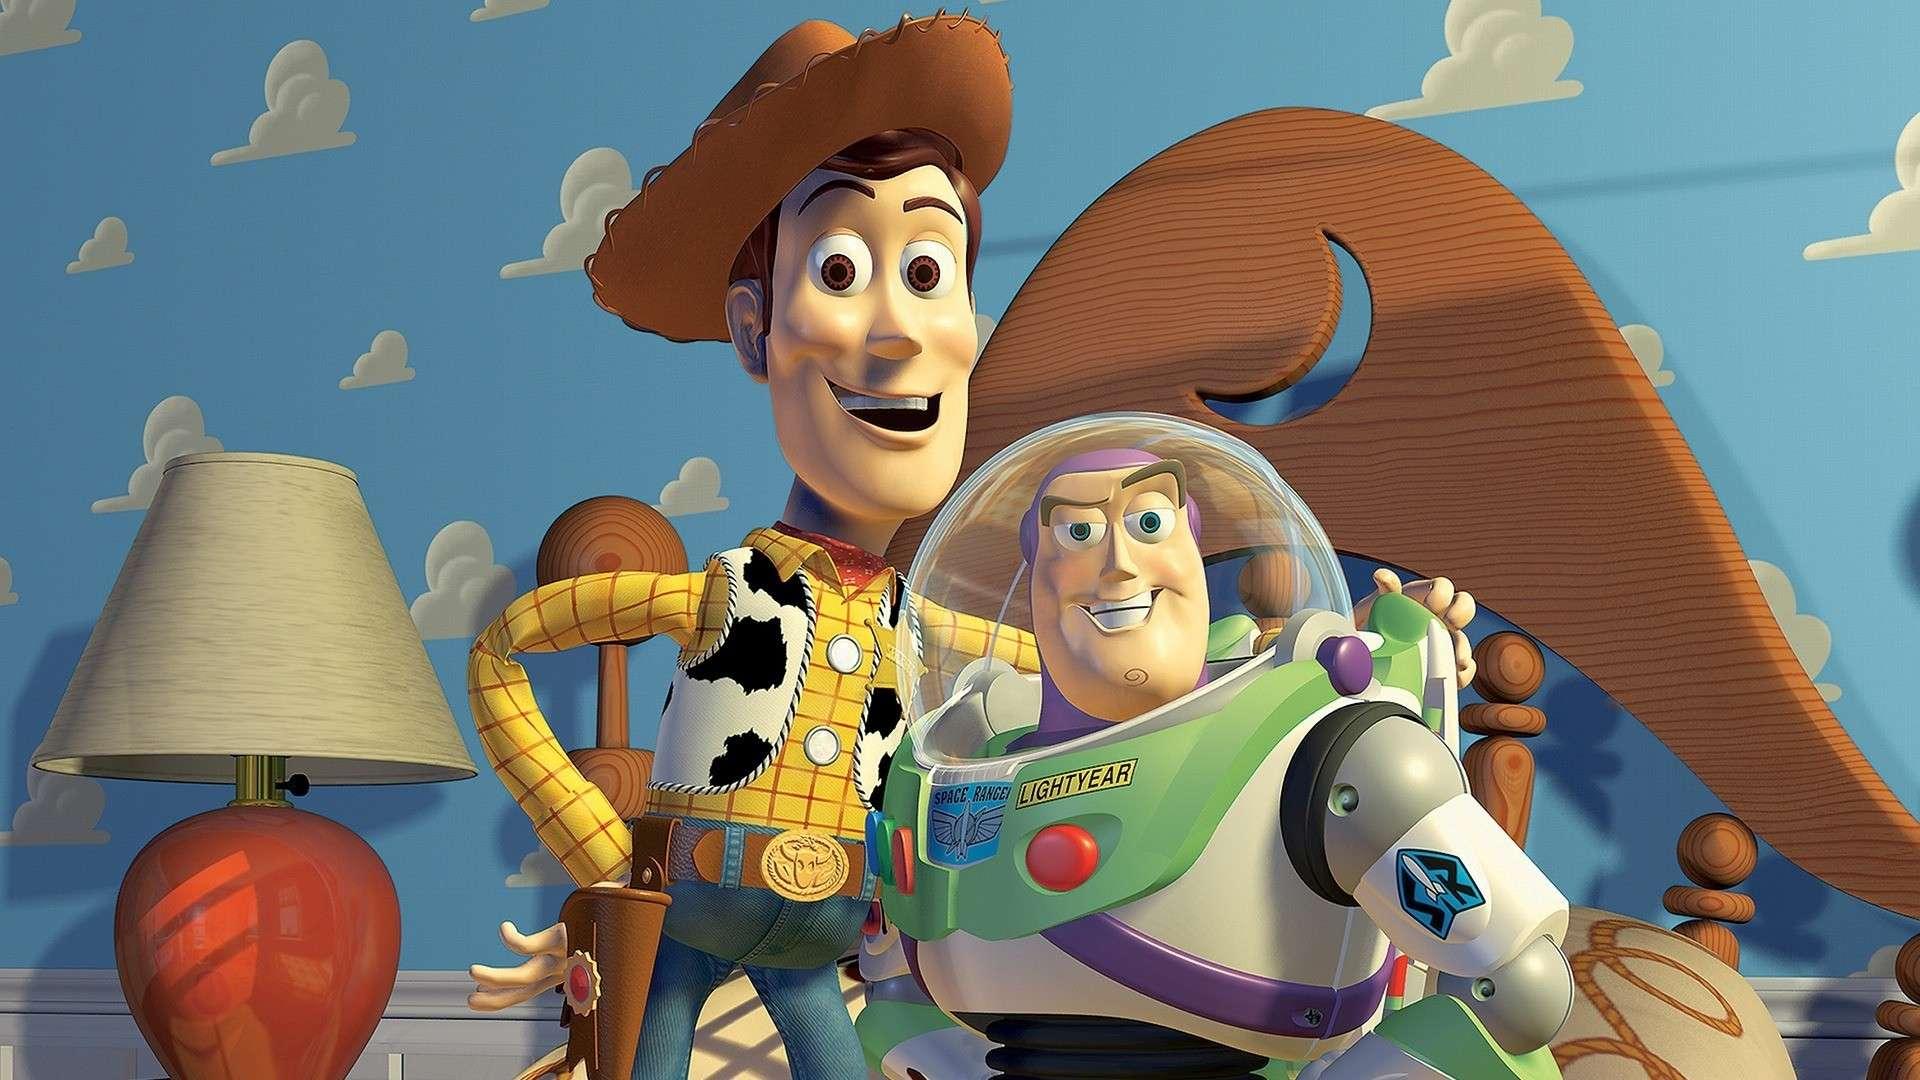 Foto: Pixar